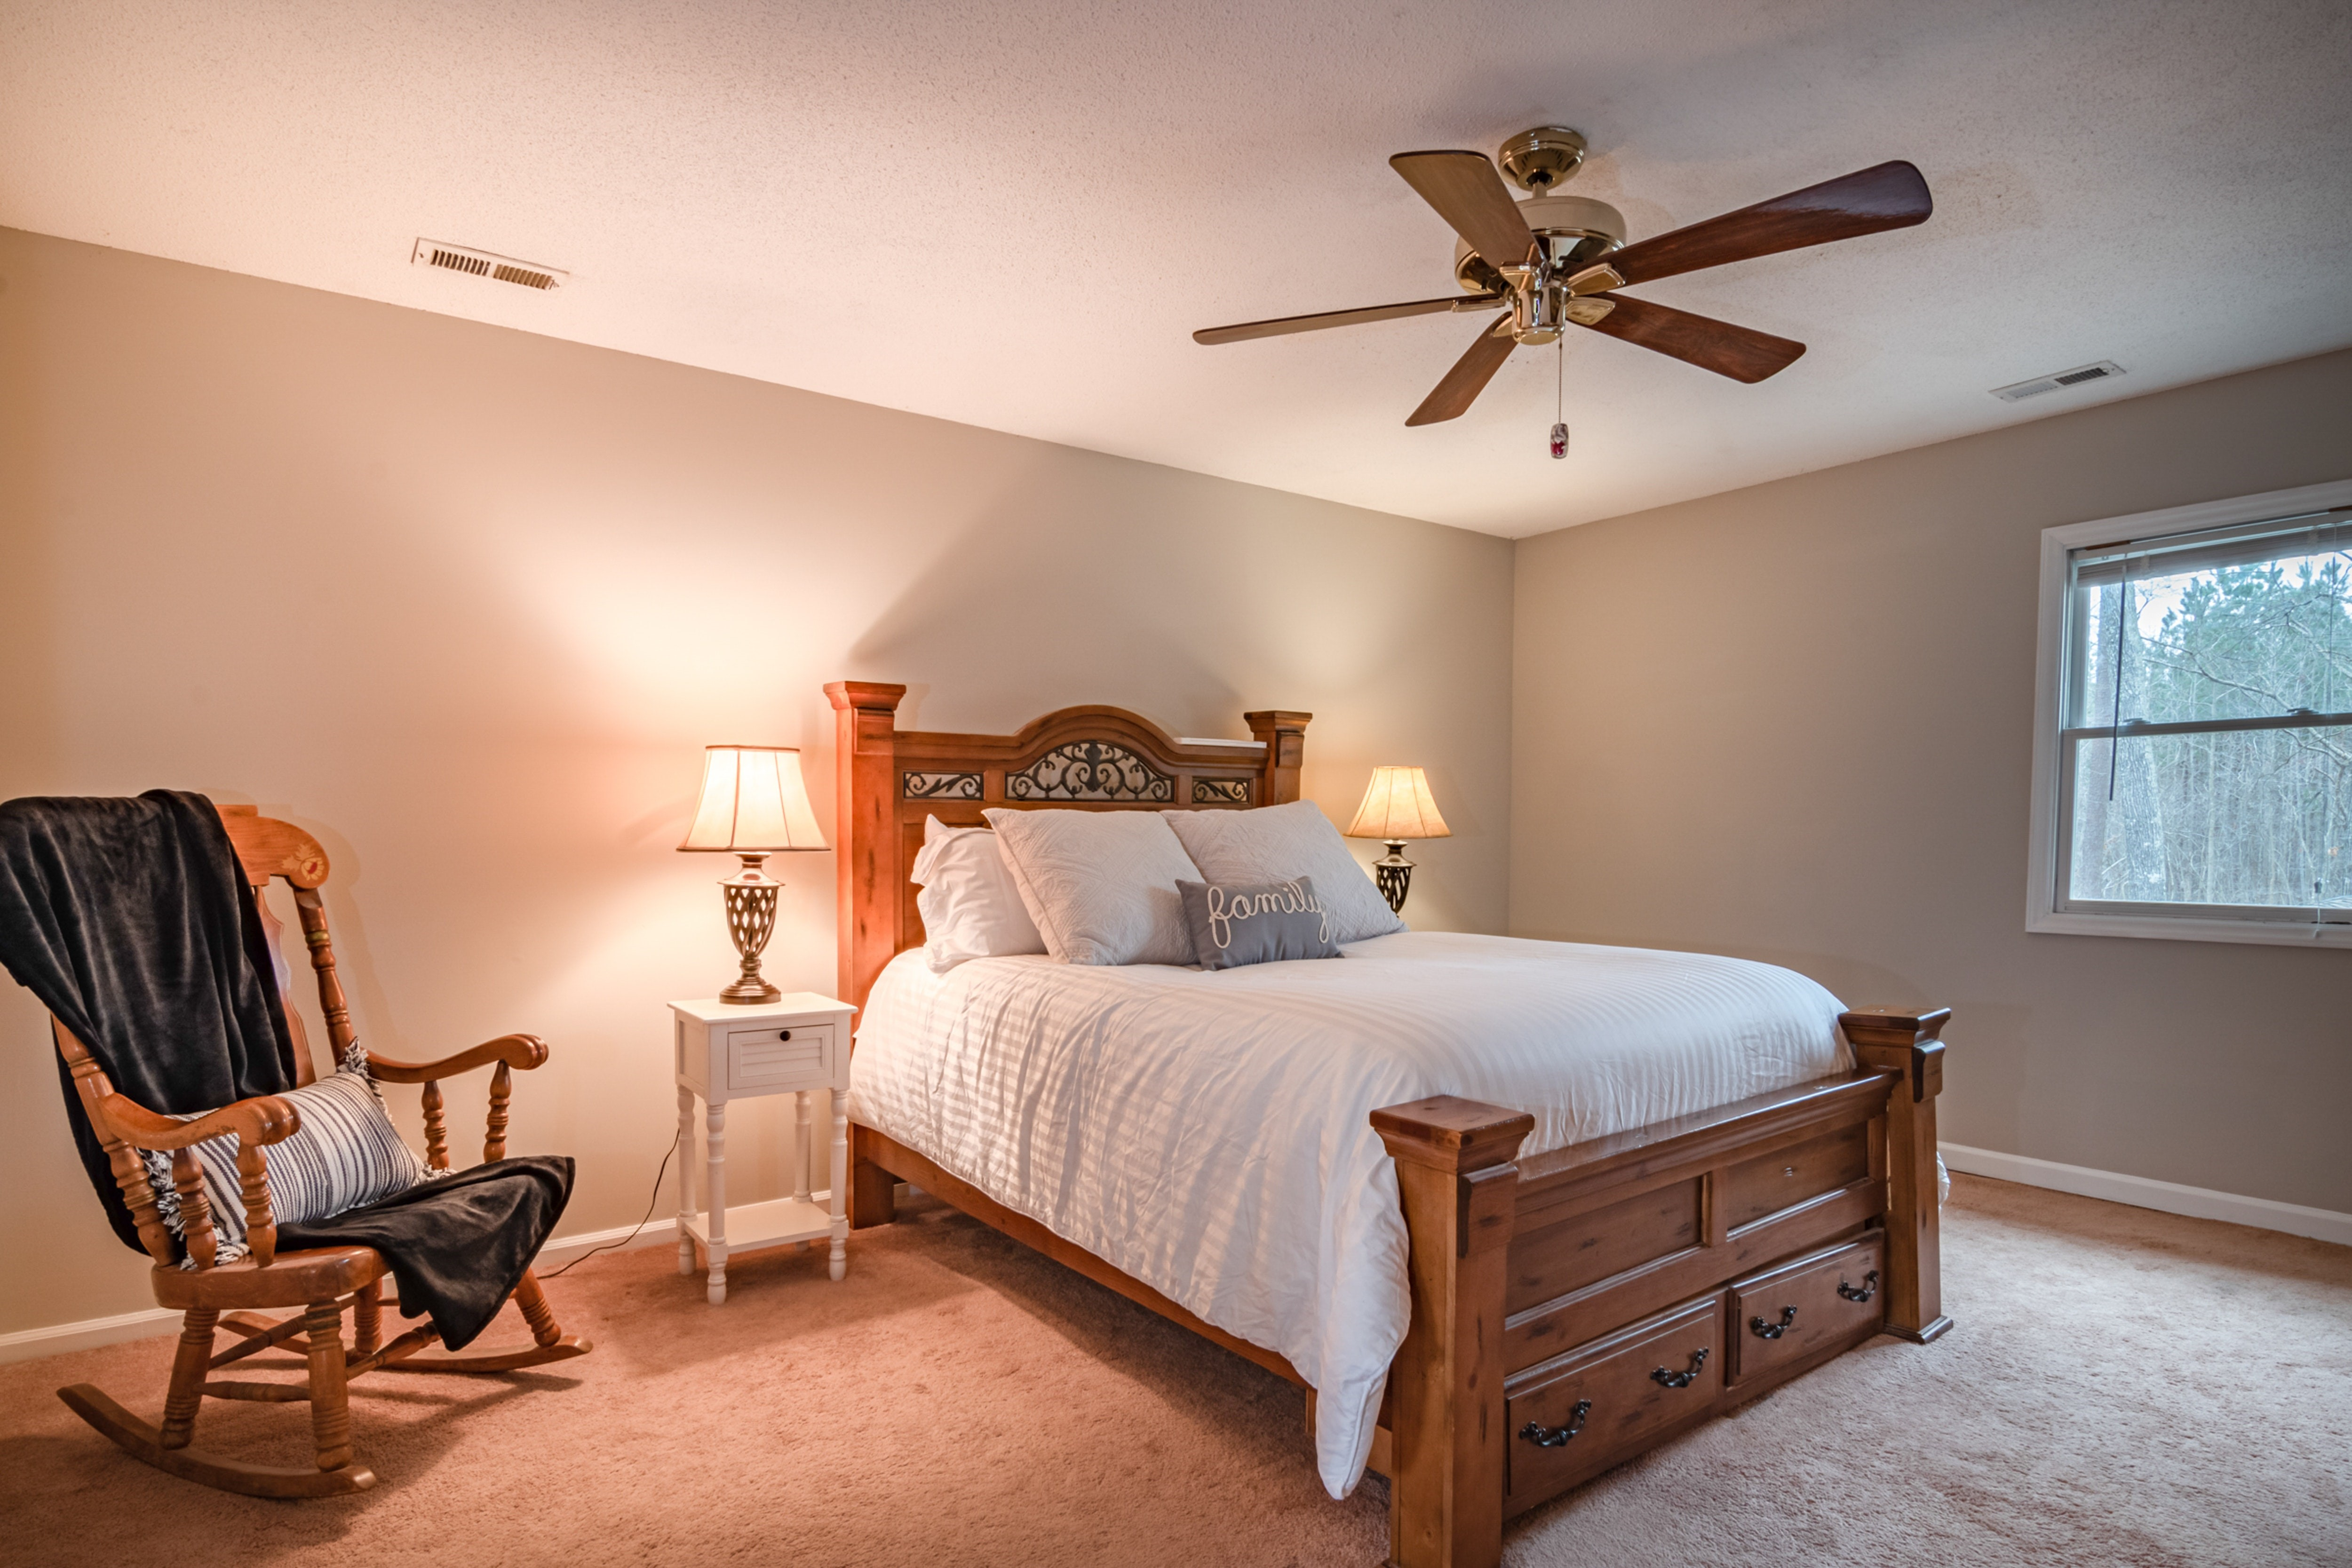 ventilateur de plafond dans une chambre